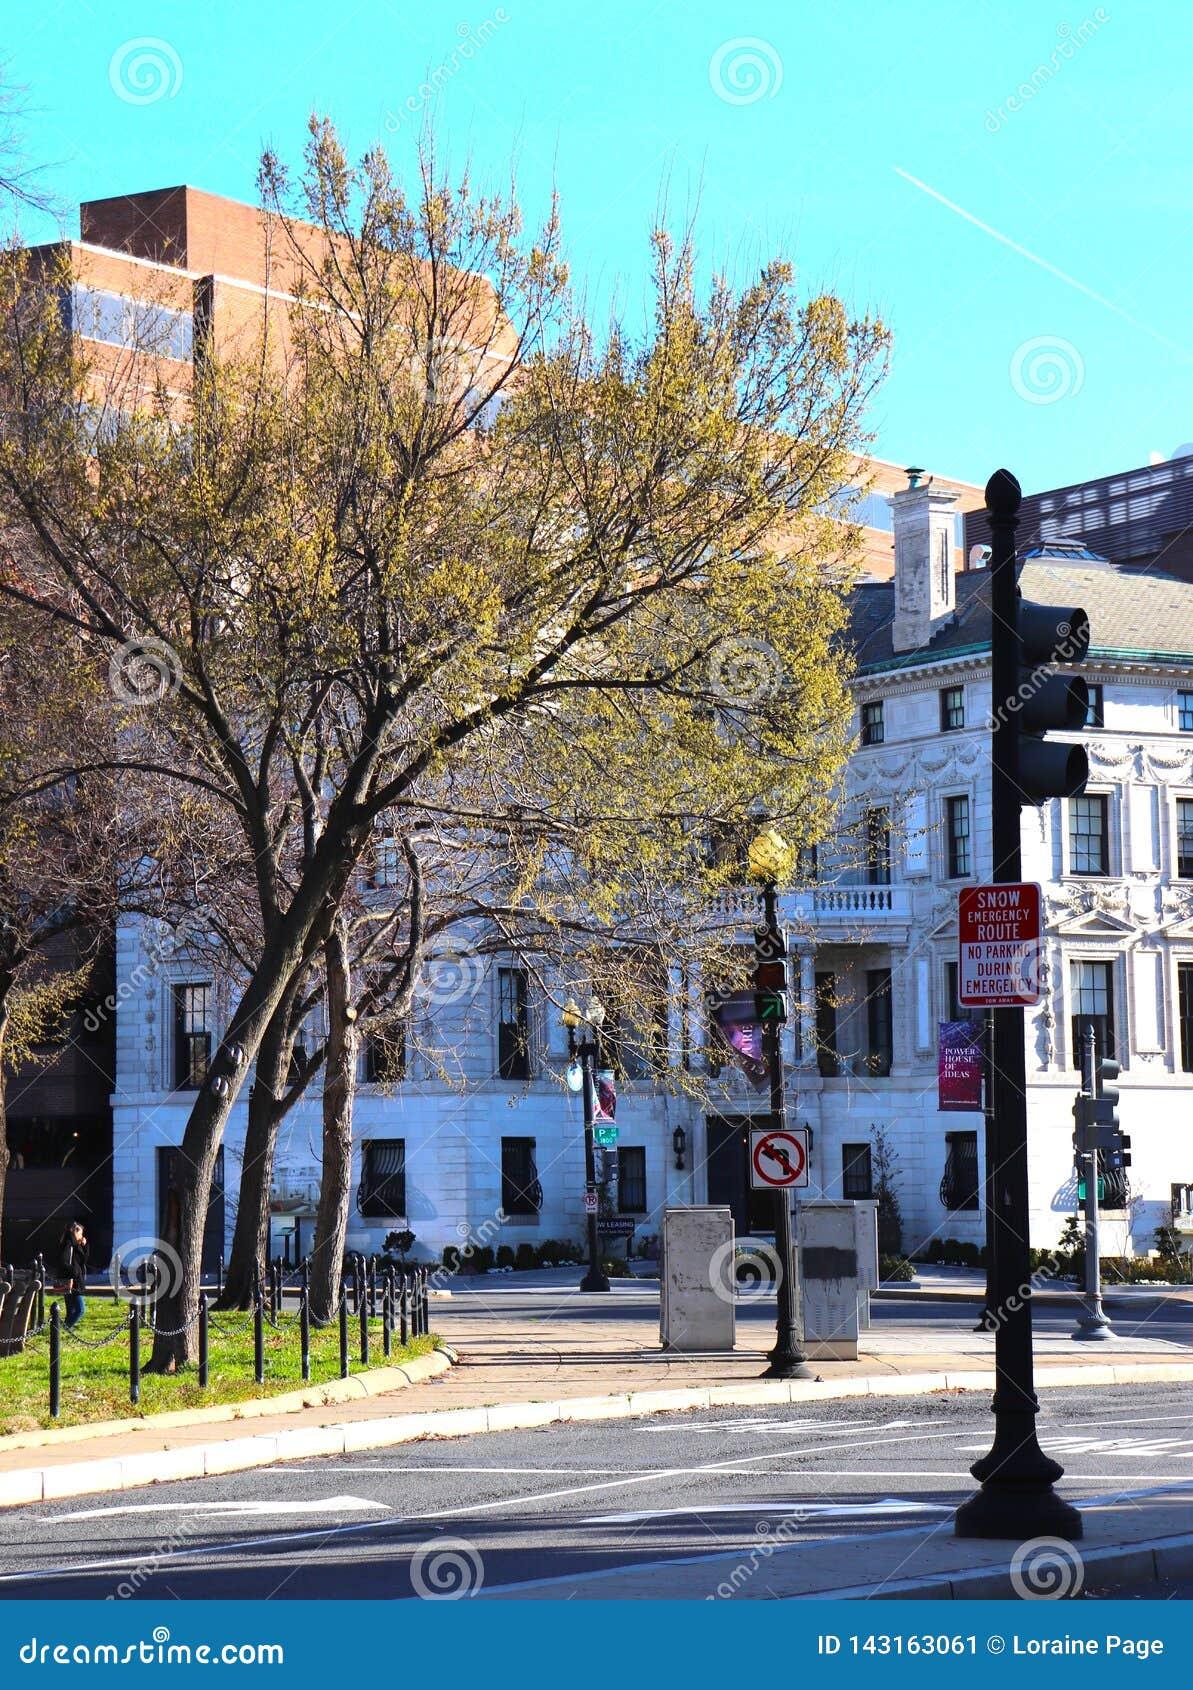 Serene City Corner em uma interseção, folhas novas em árvores